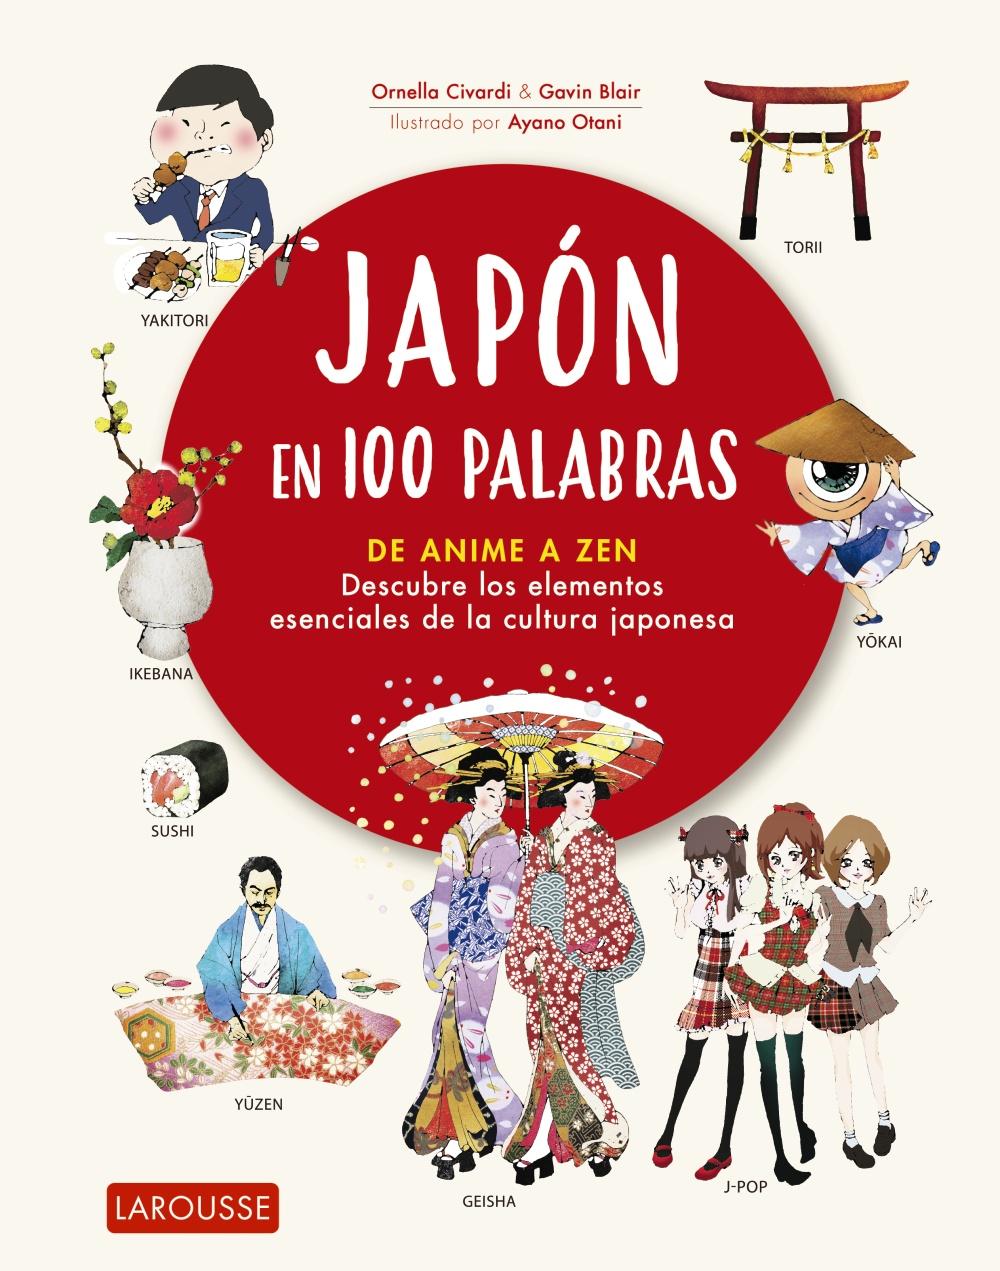 Japón en 100 palabras - Selección de libros sobre Japón